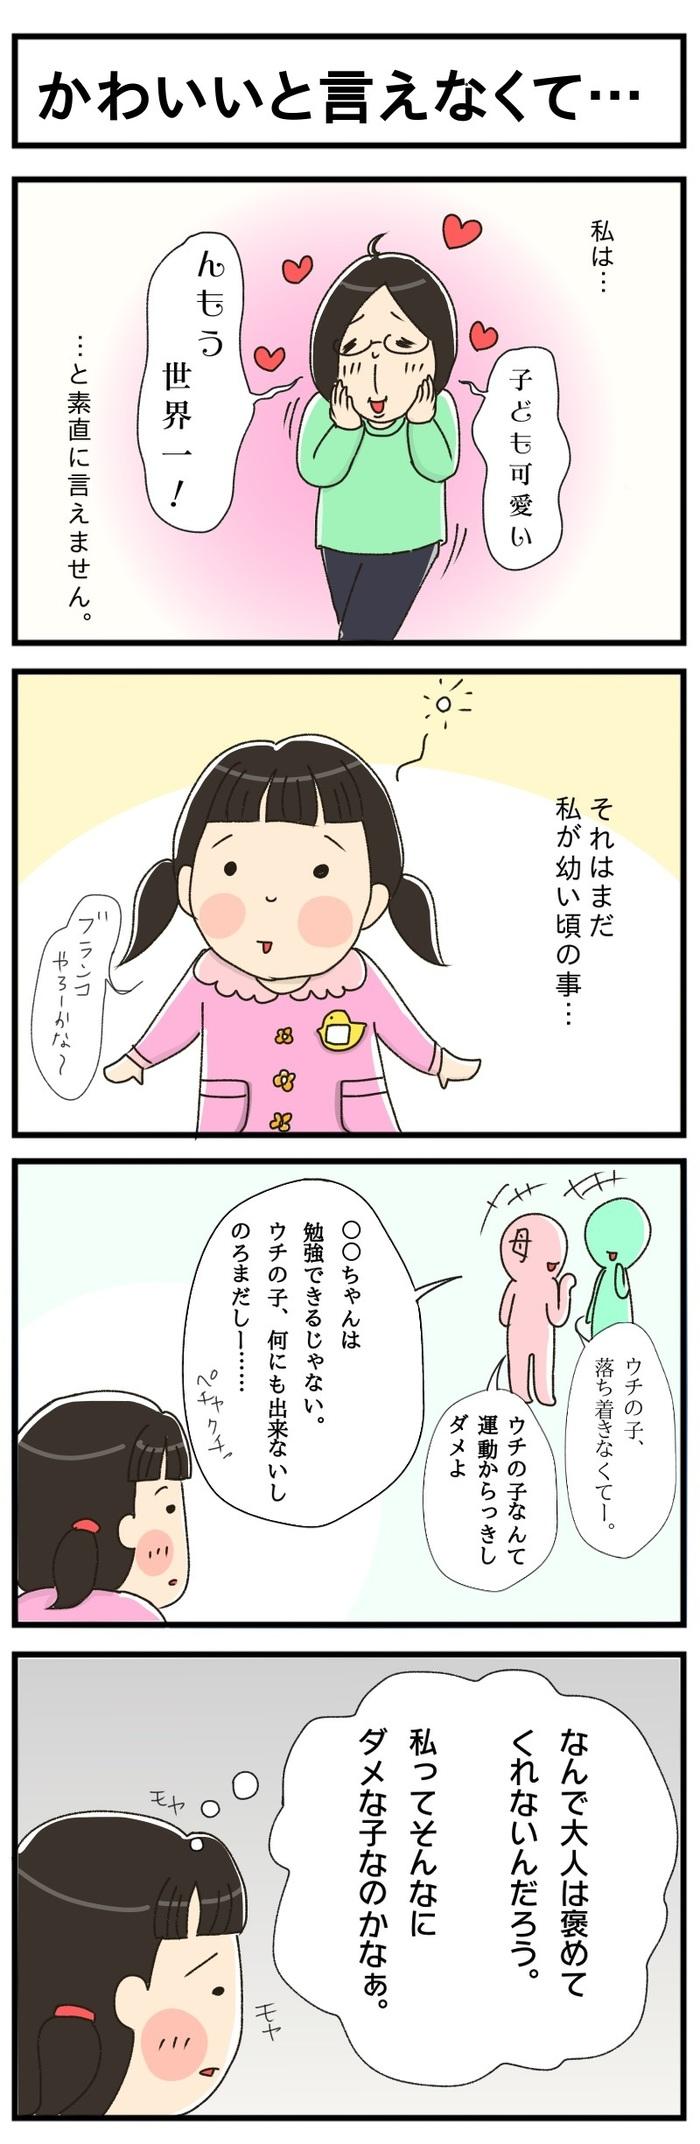 人前で子どものことを「かわいい」って言ってもいいの?の画像1